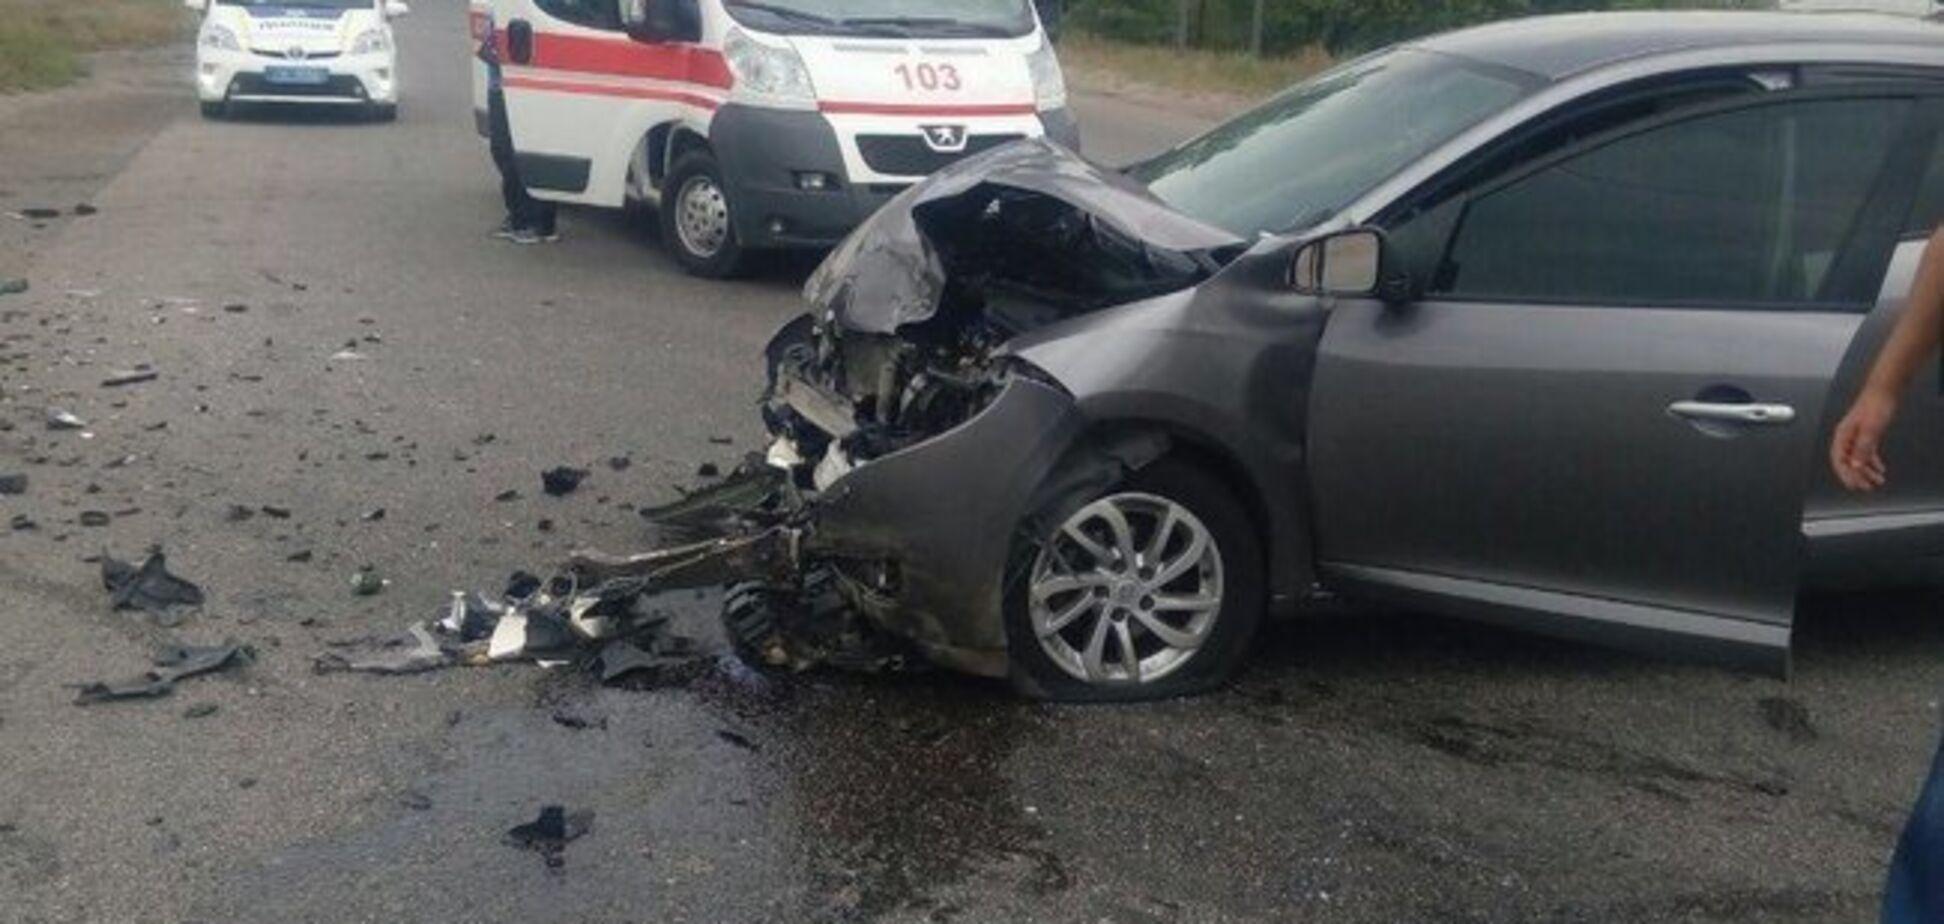 В Харькове произошло смертельное ДТП с двумя легковушками: фото 18+